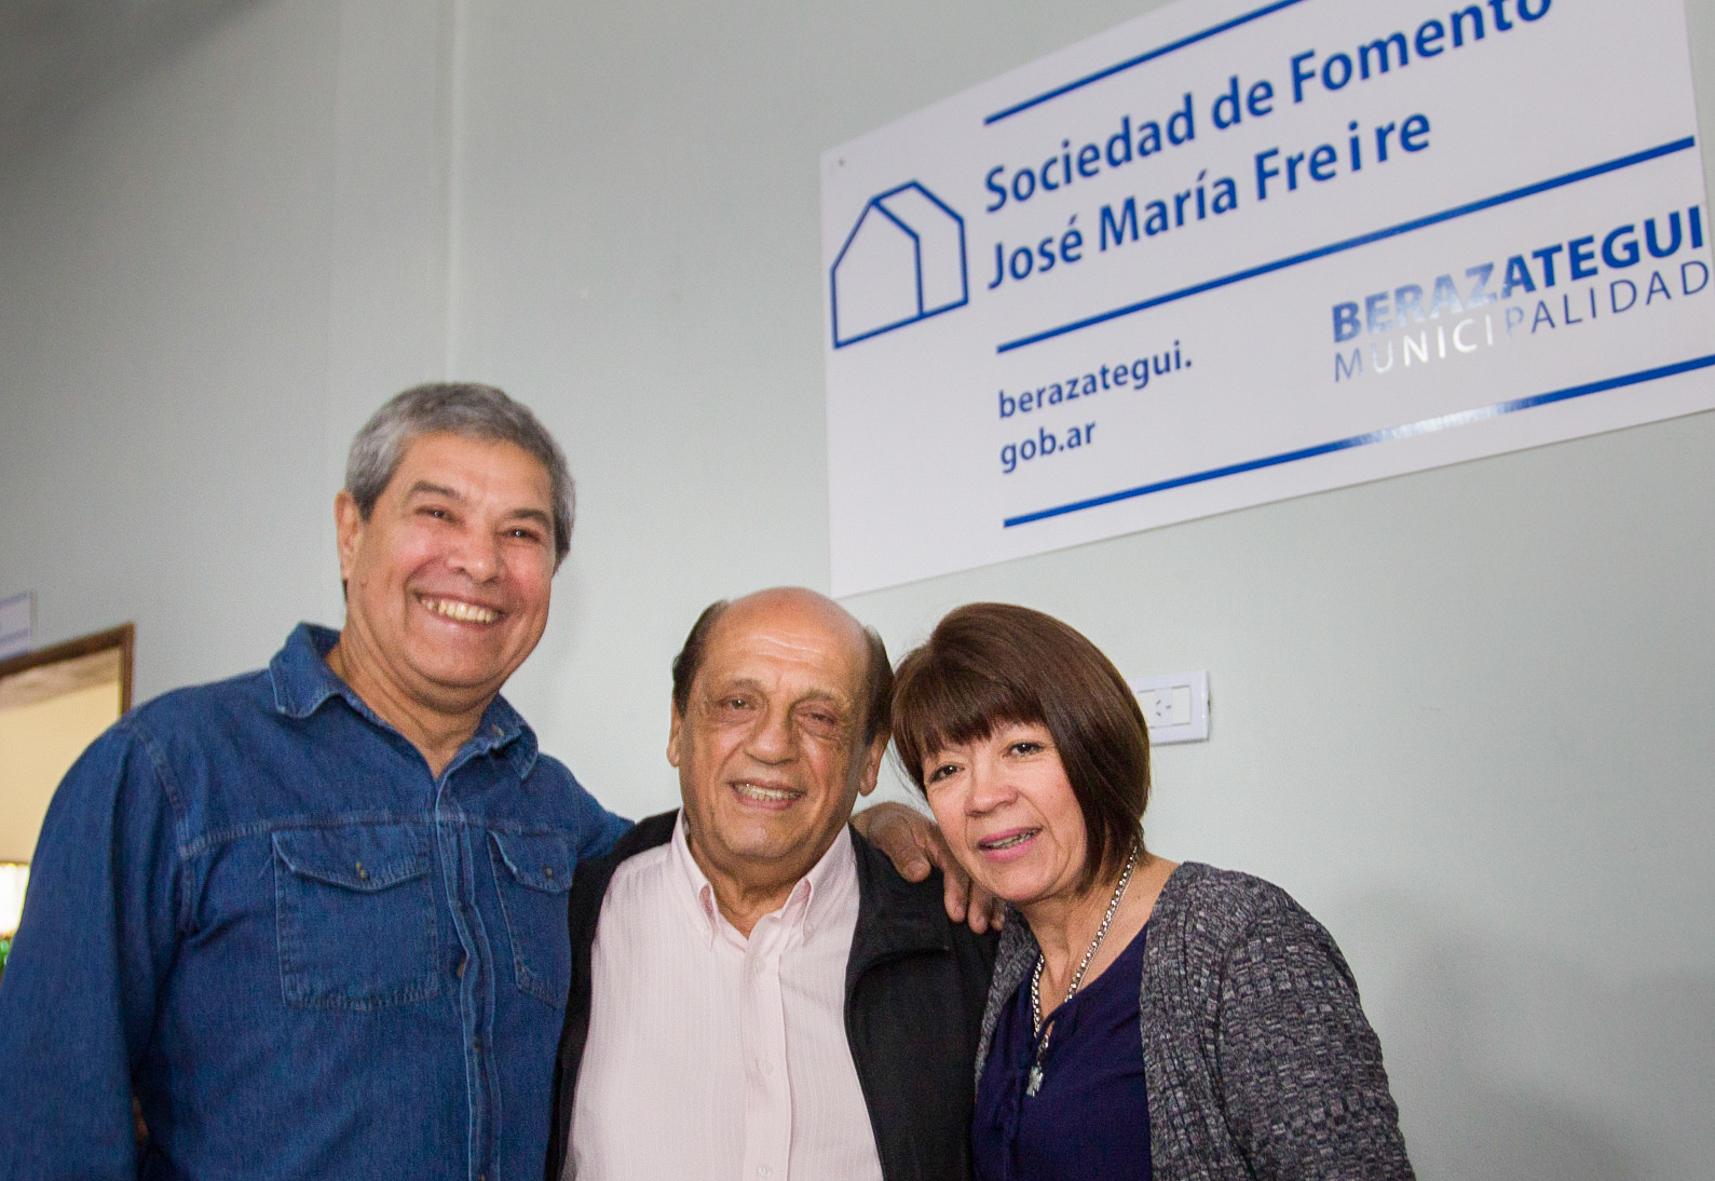 BERAZATEGUI_ SF JOSÉ MARÍA FREIRE